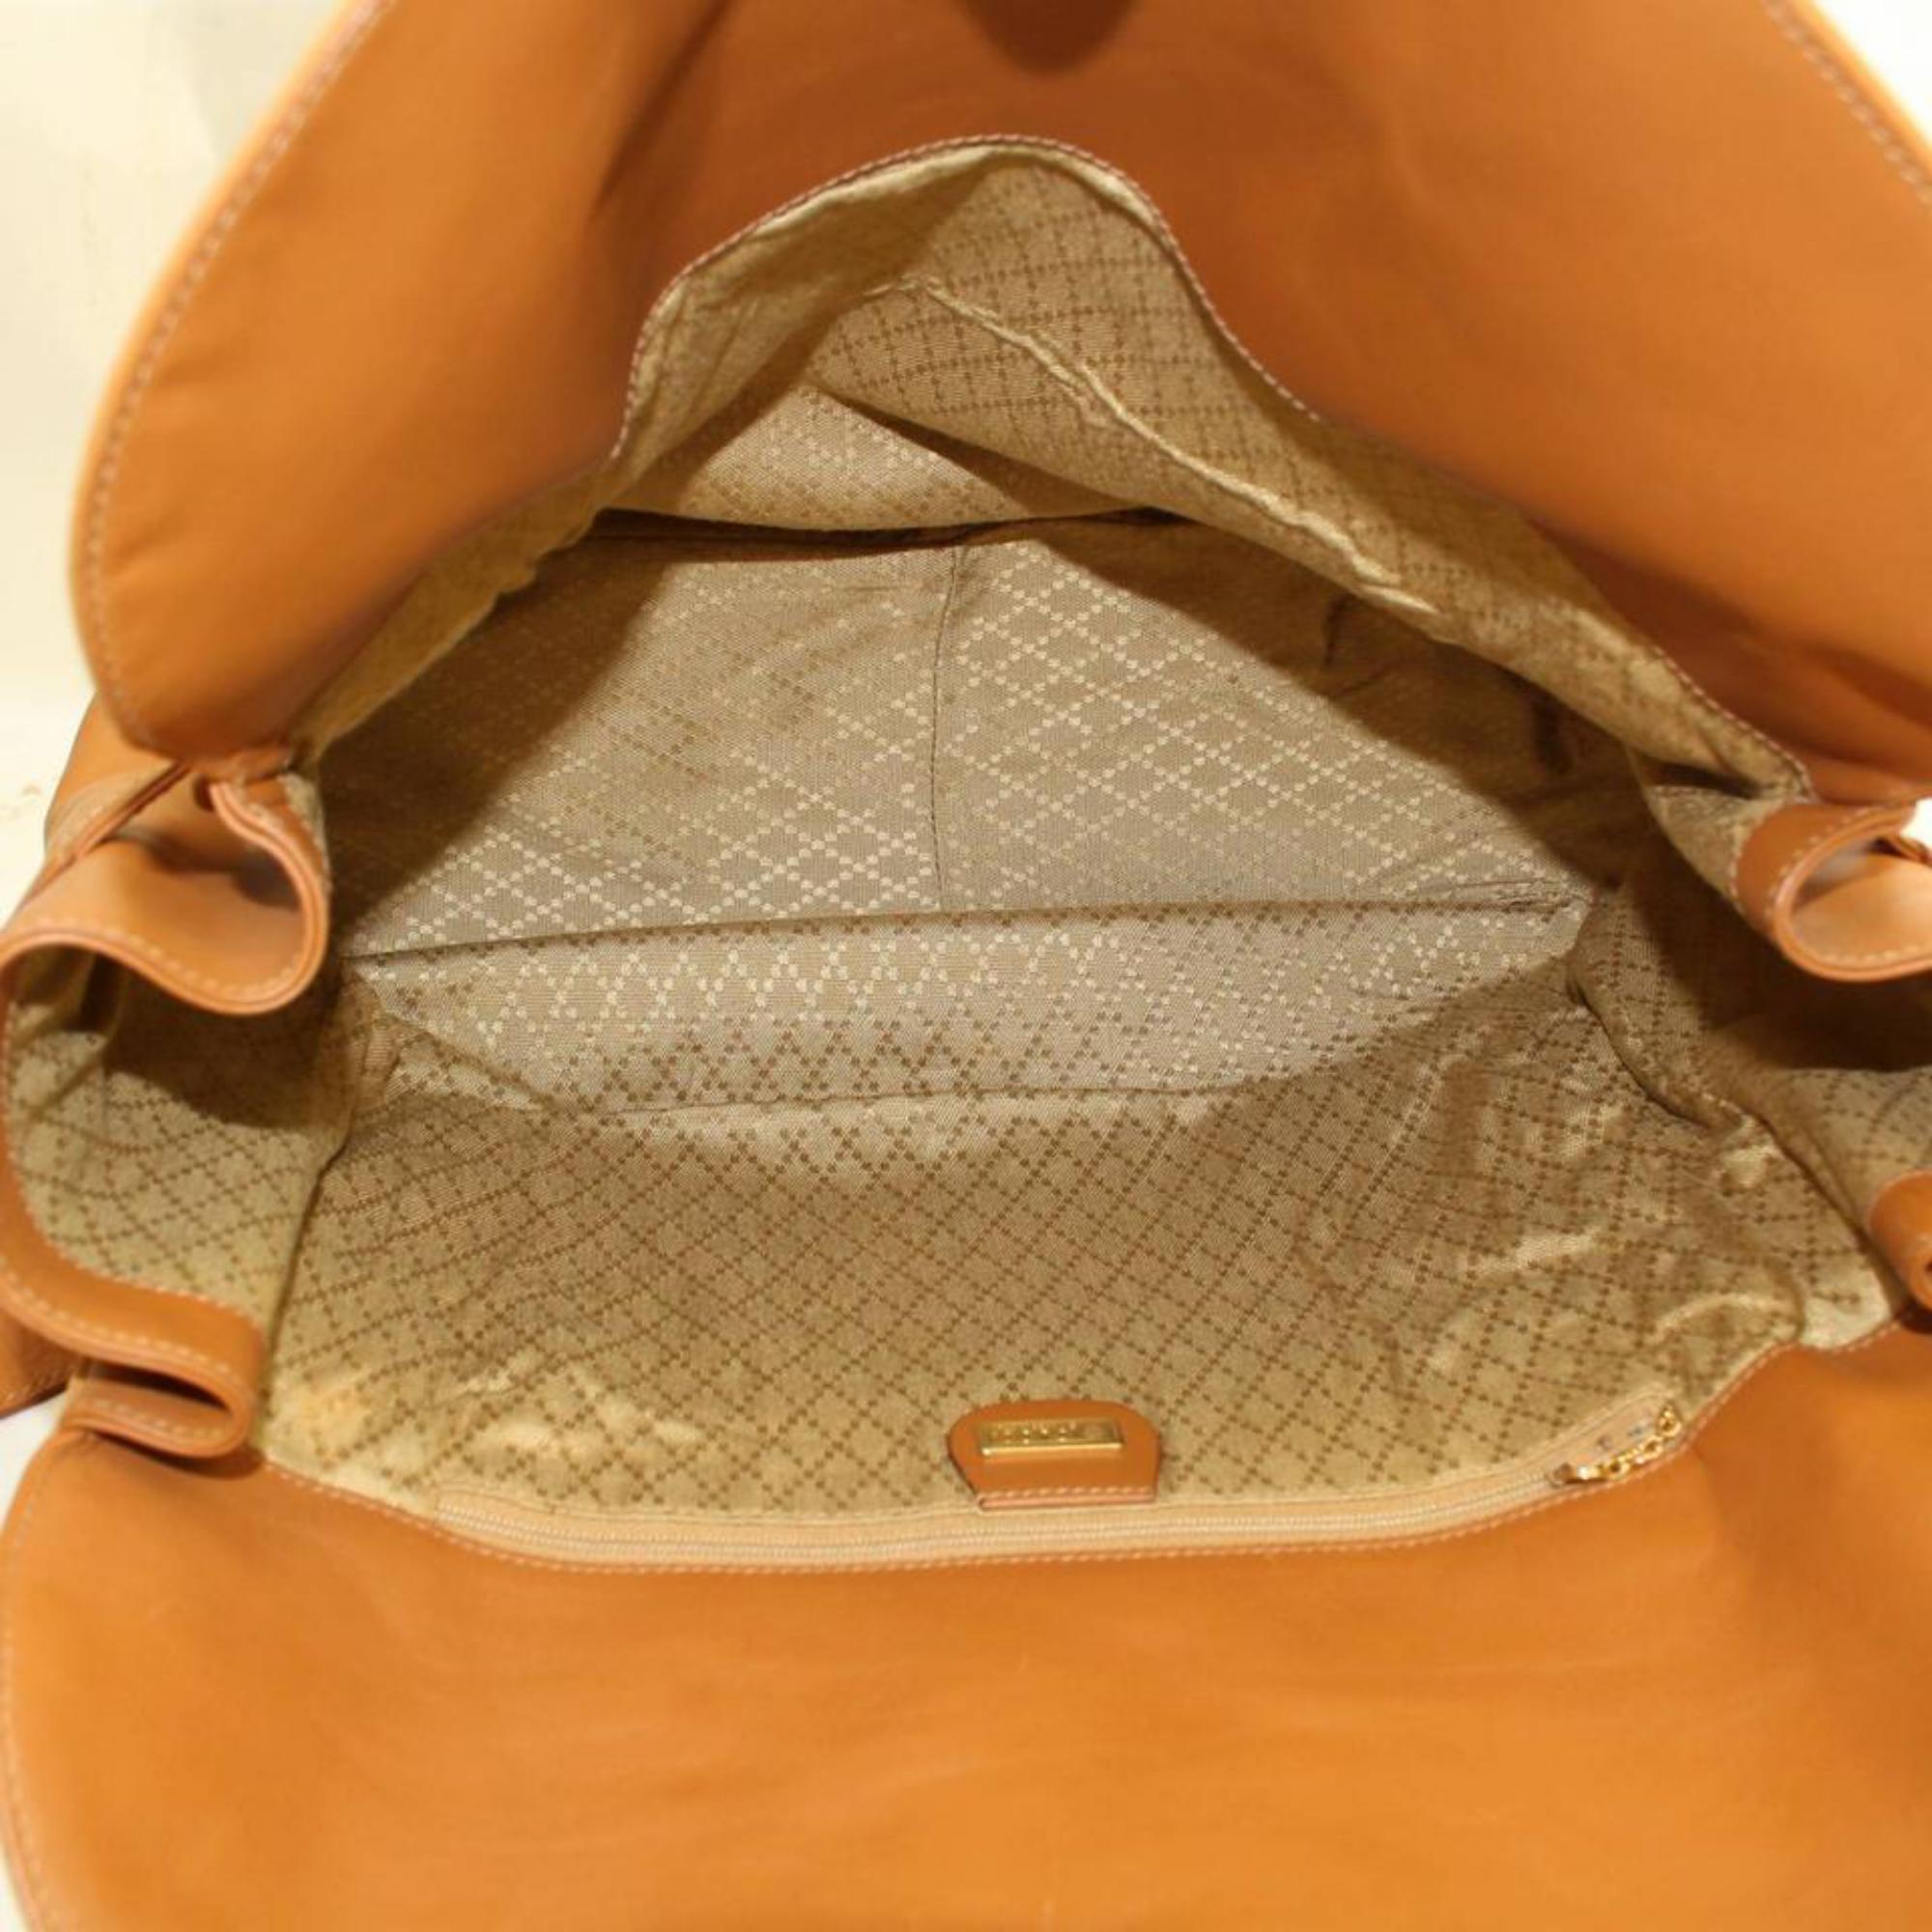 9864f2d5cf91 Gucci Burnt Orange Flap Over Shoulder 868421 Suede Leather Weekend/Travel  Bag For Sale at 1stdibs